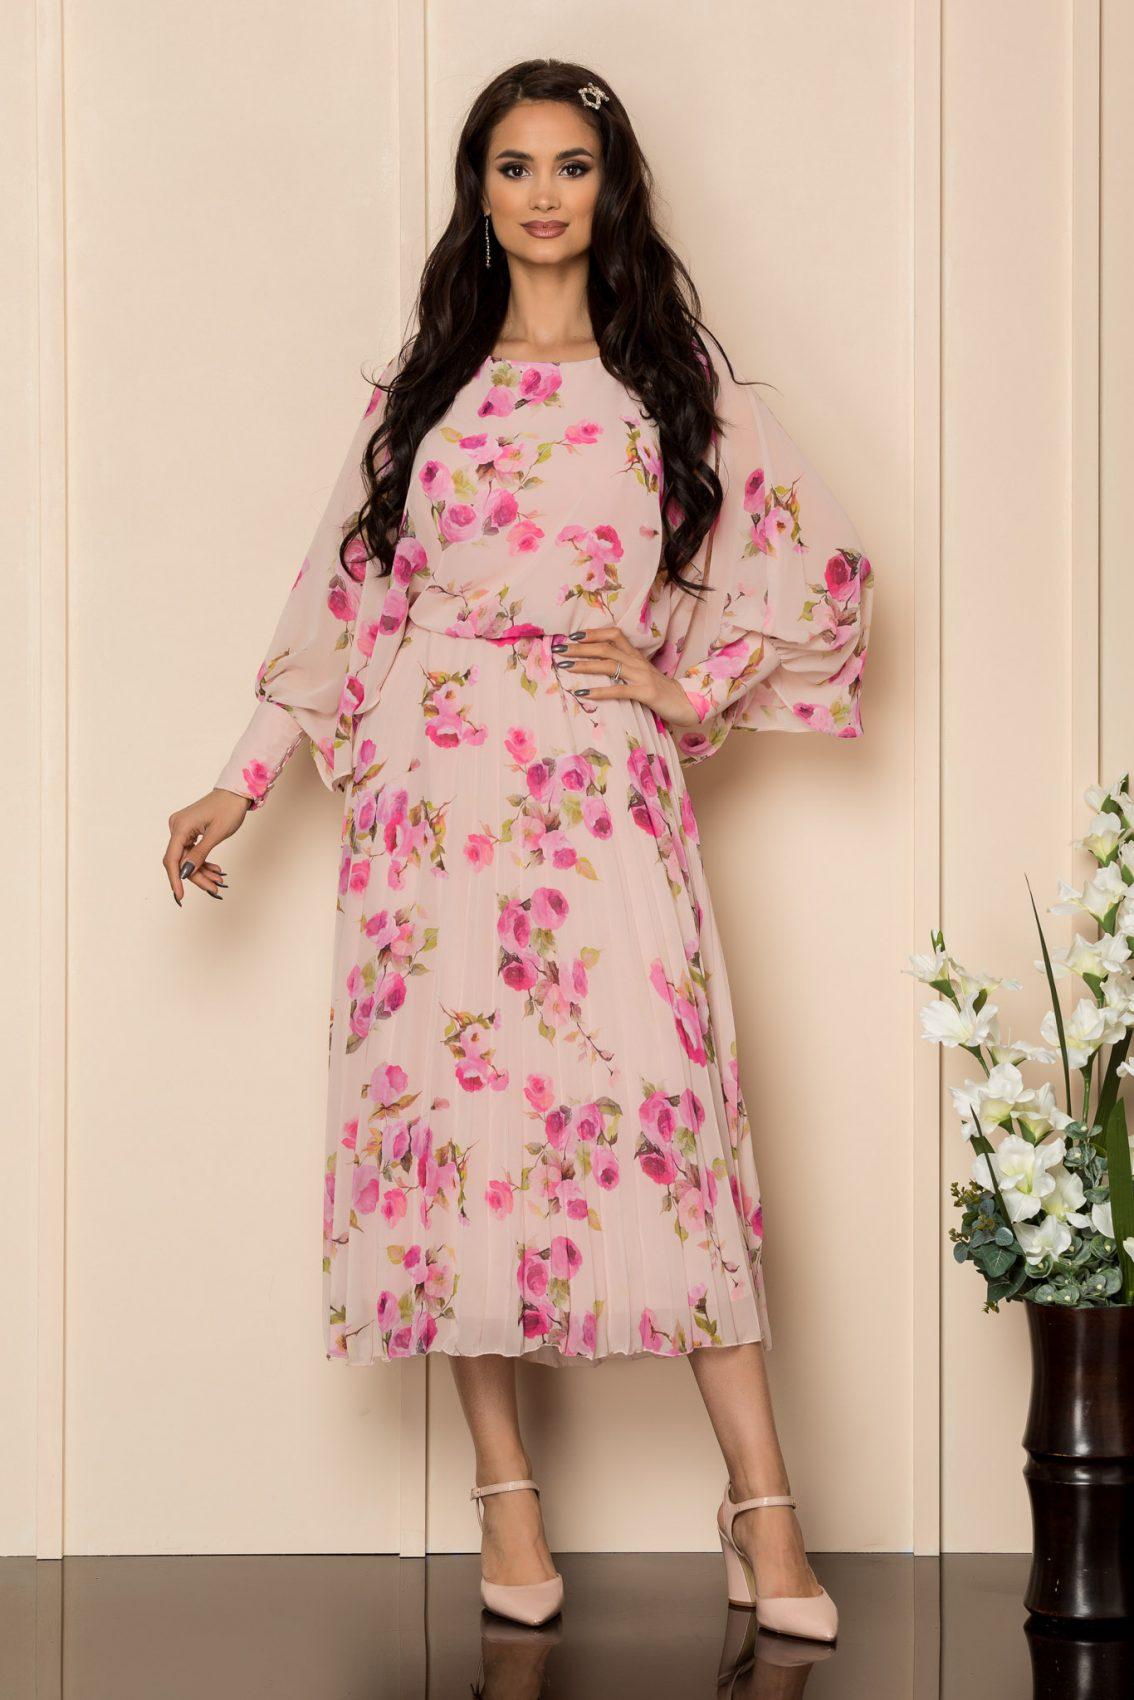 Ροζ Μίντι Φλοράλ Φόρεμα Angy A412 1